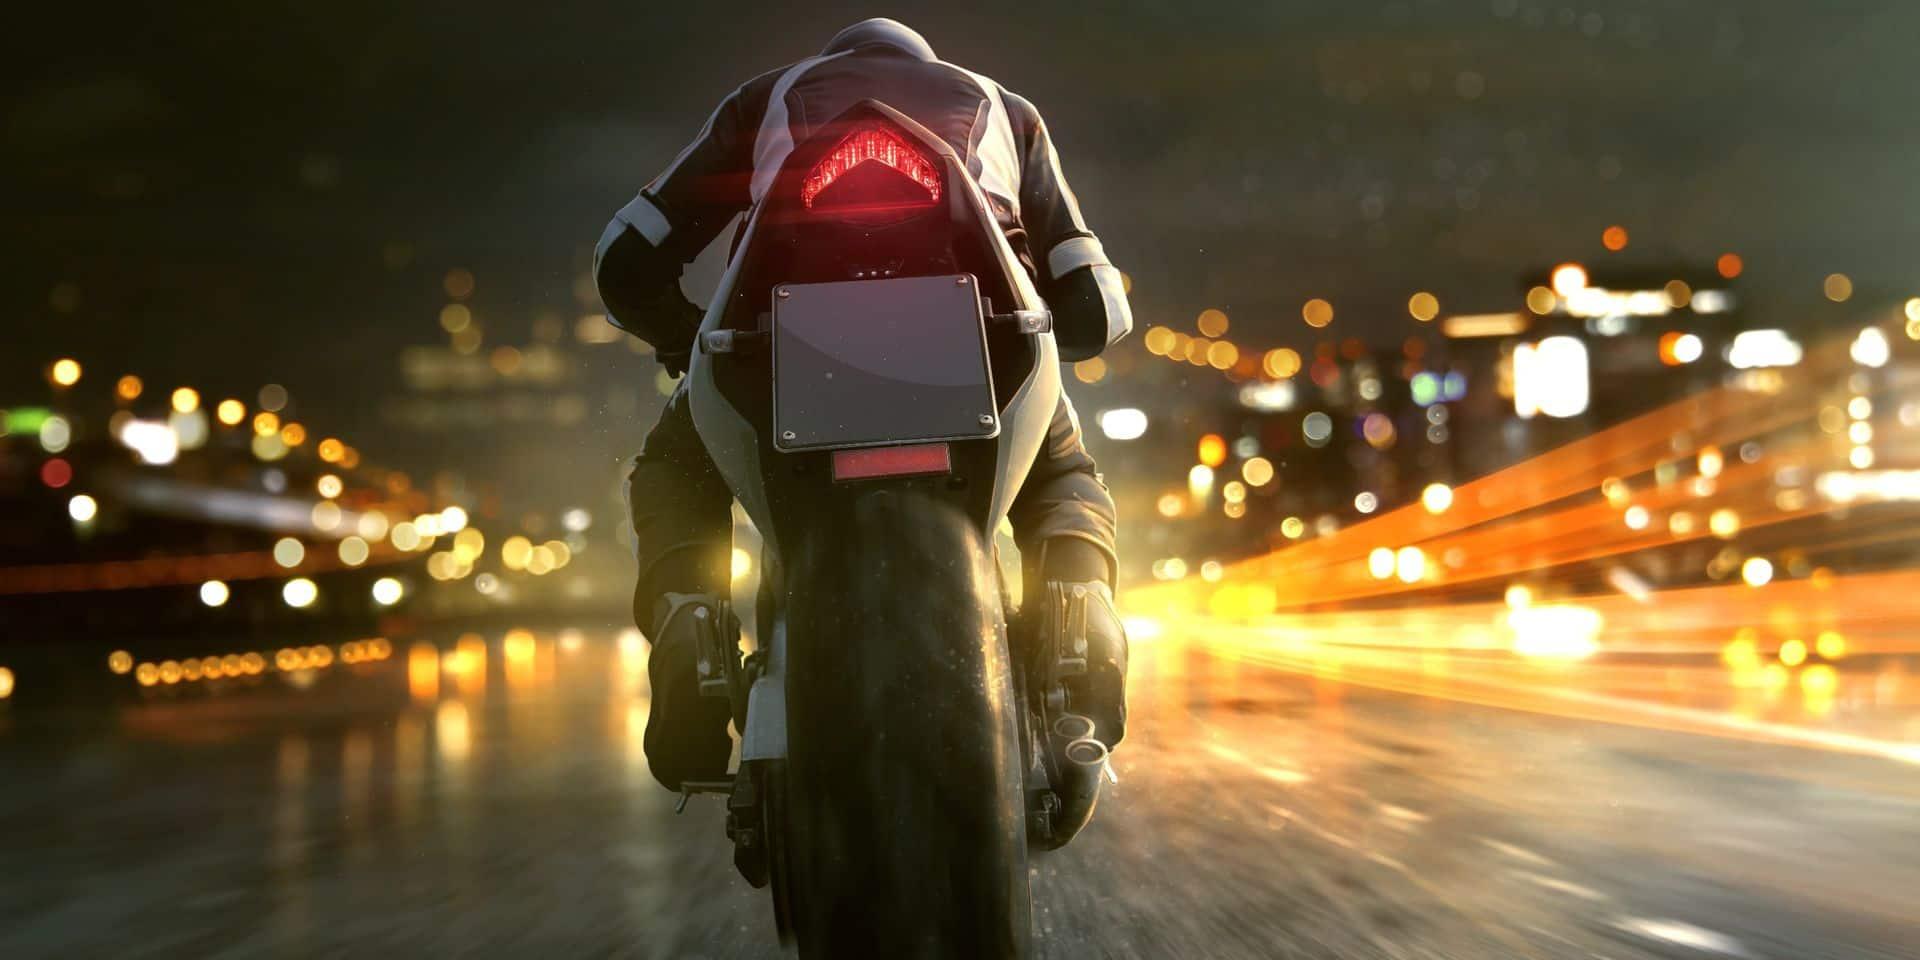 Les motards font-ils réellement trop de bruit ?